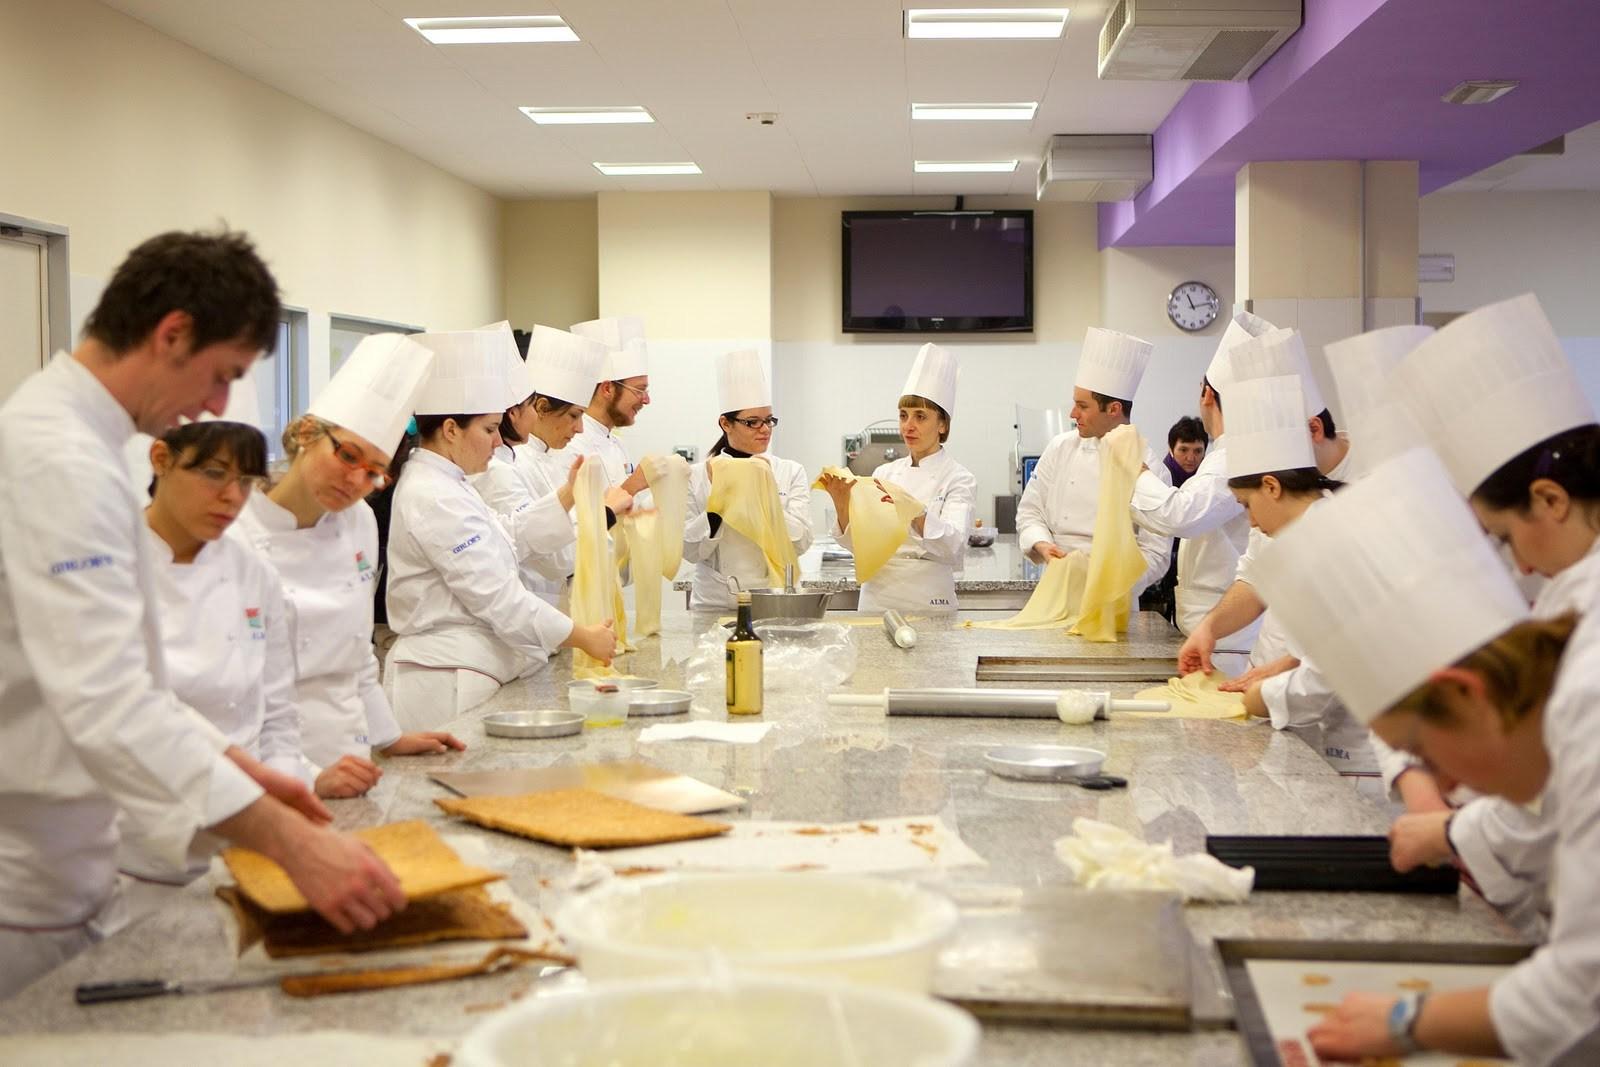 Sei pronto per la prova del cuoco A Sedriano partono i Corsi di Cucina  Corriere Alto Milanese